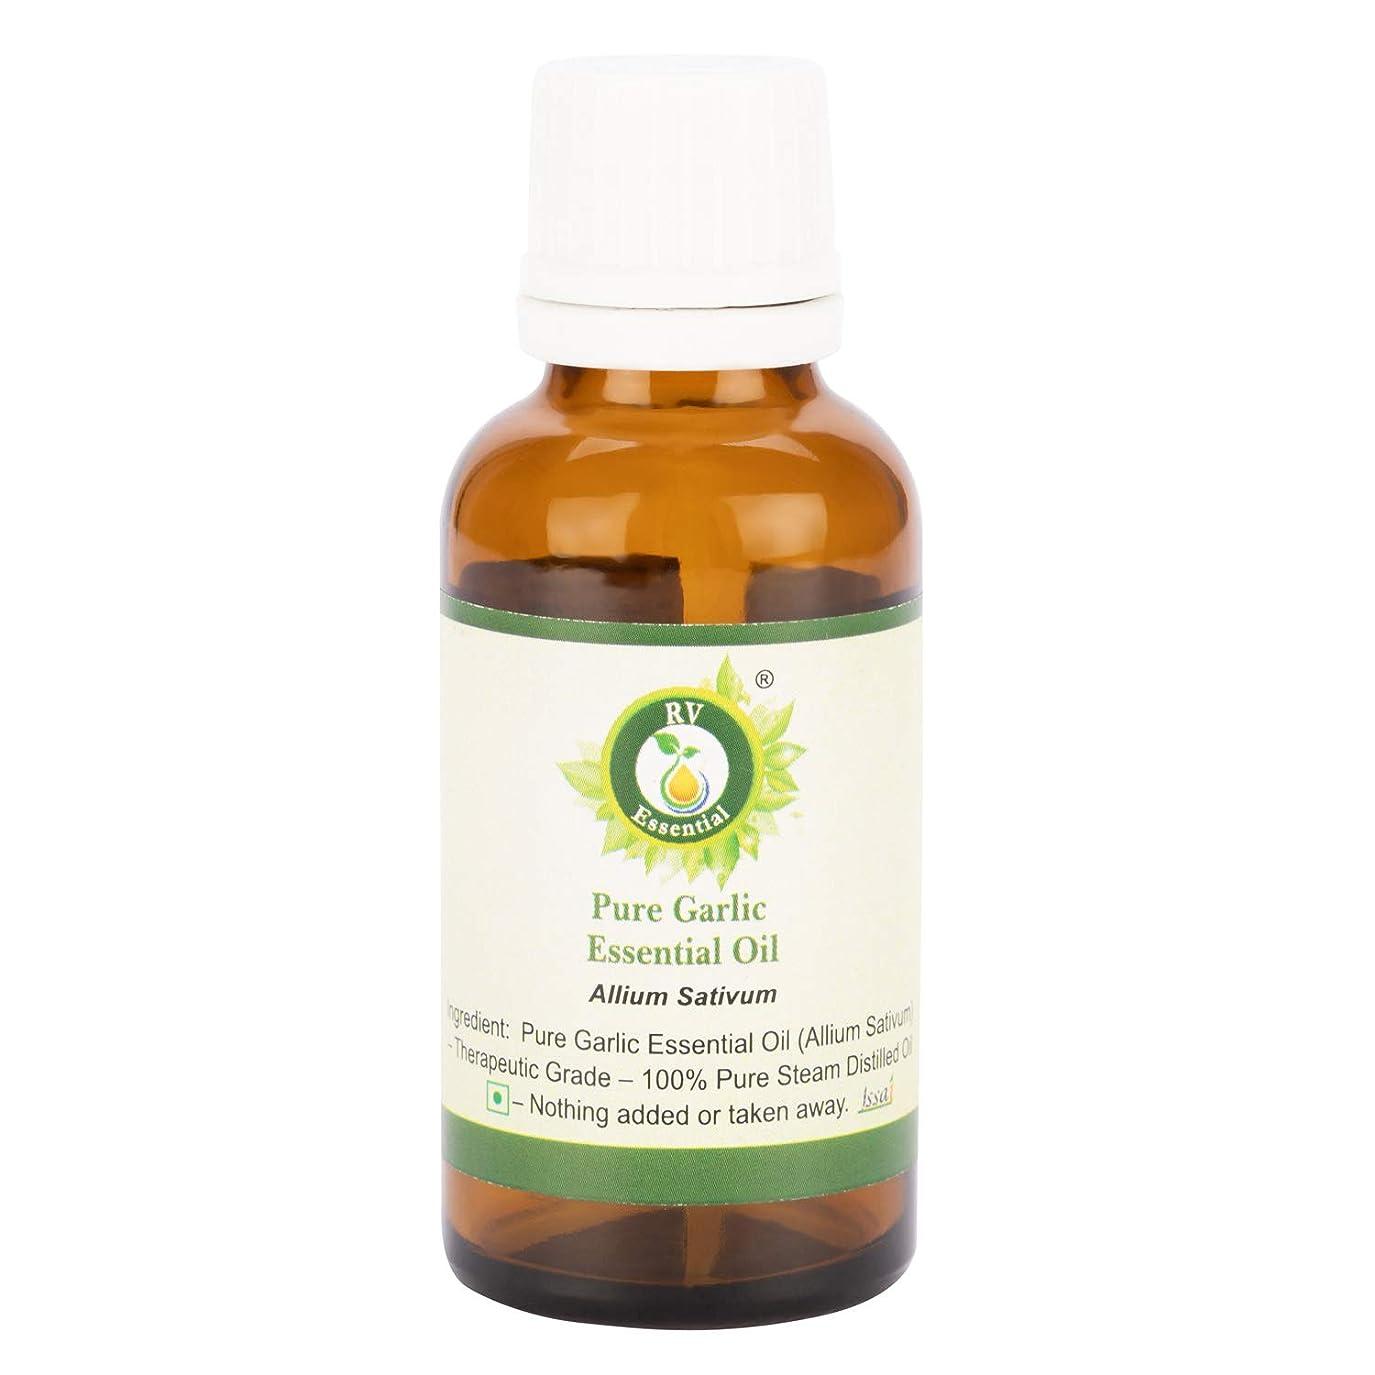 矩形インタラクション定期的にピュアニンニクエッセンシャルオイル100ml (3.38oz)- Allium Sativum (100%純粋&天然スチームDistilled) Pure Garlic Essential Oil